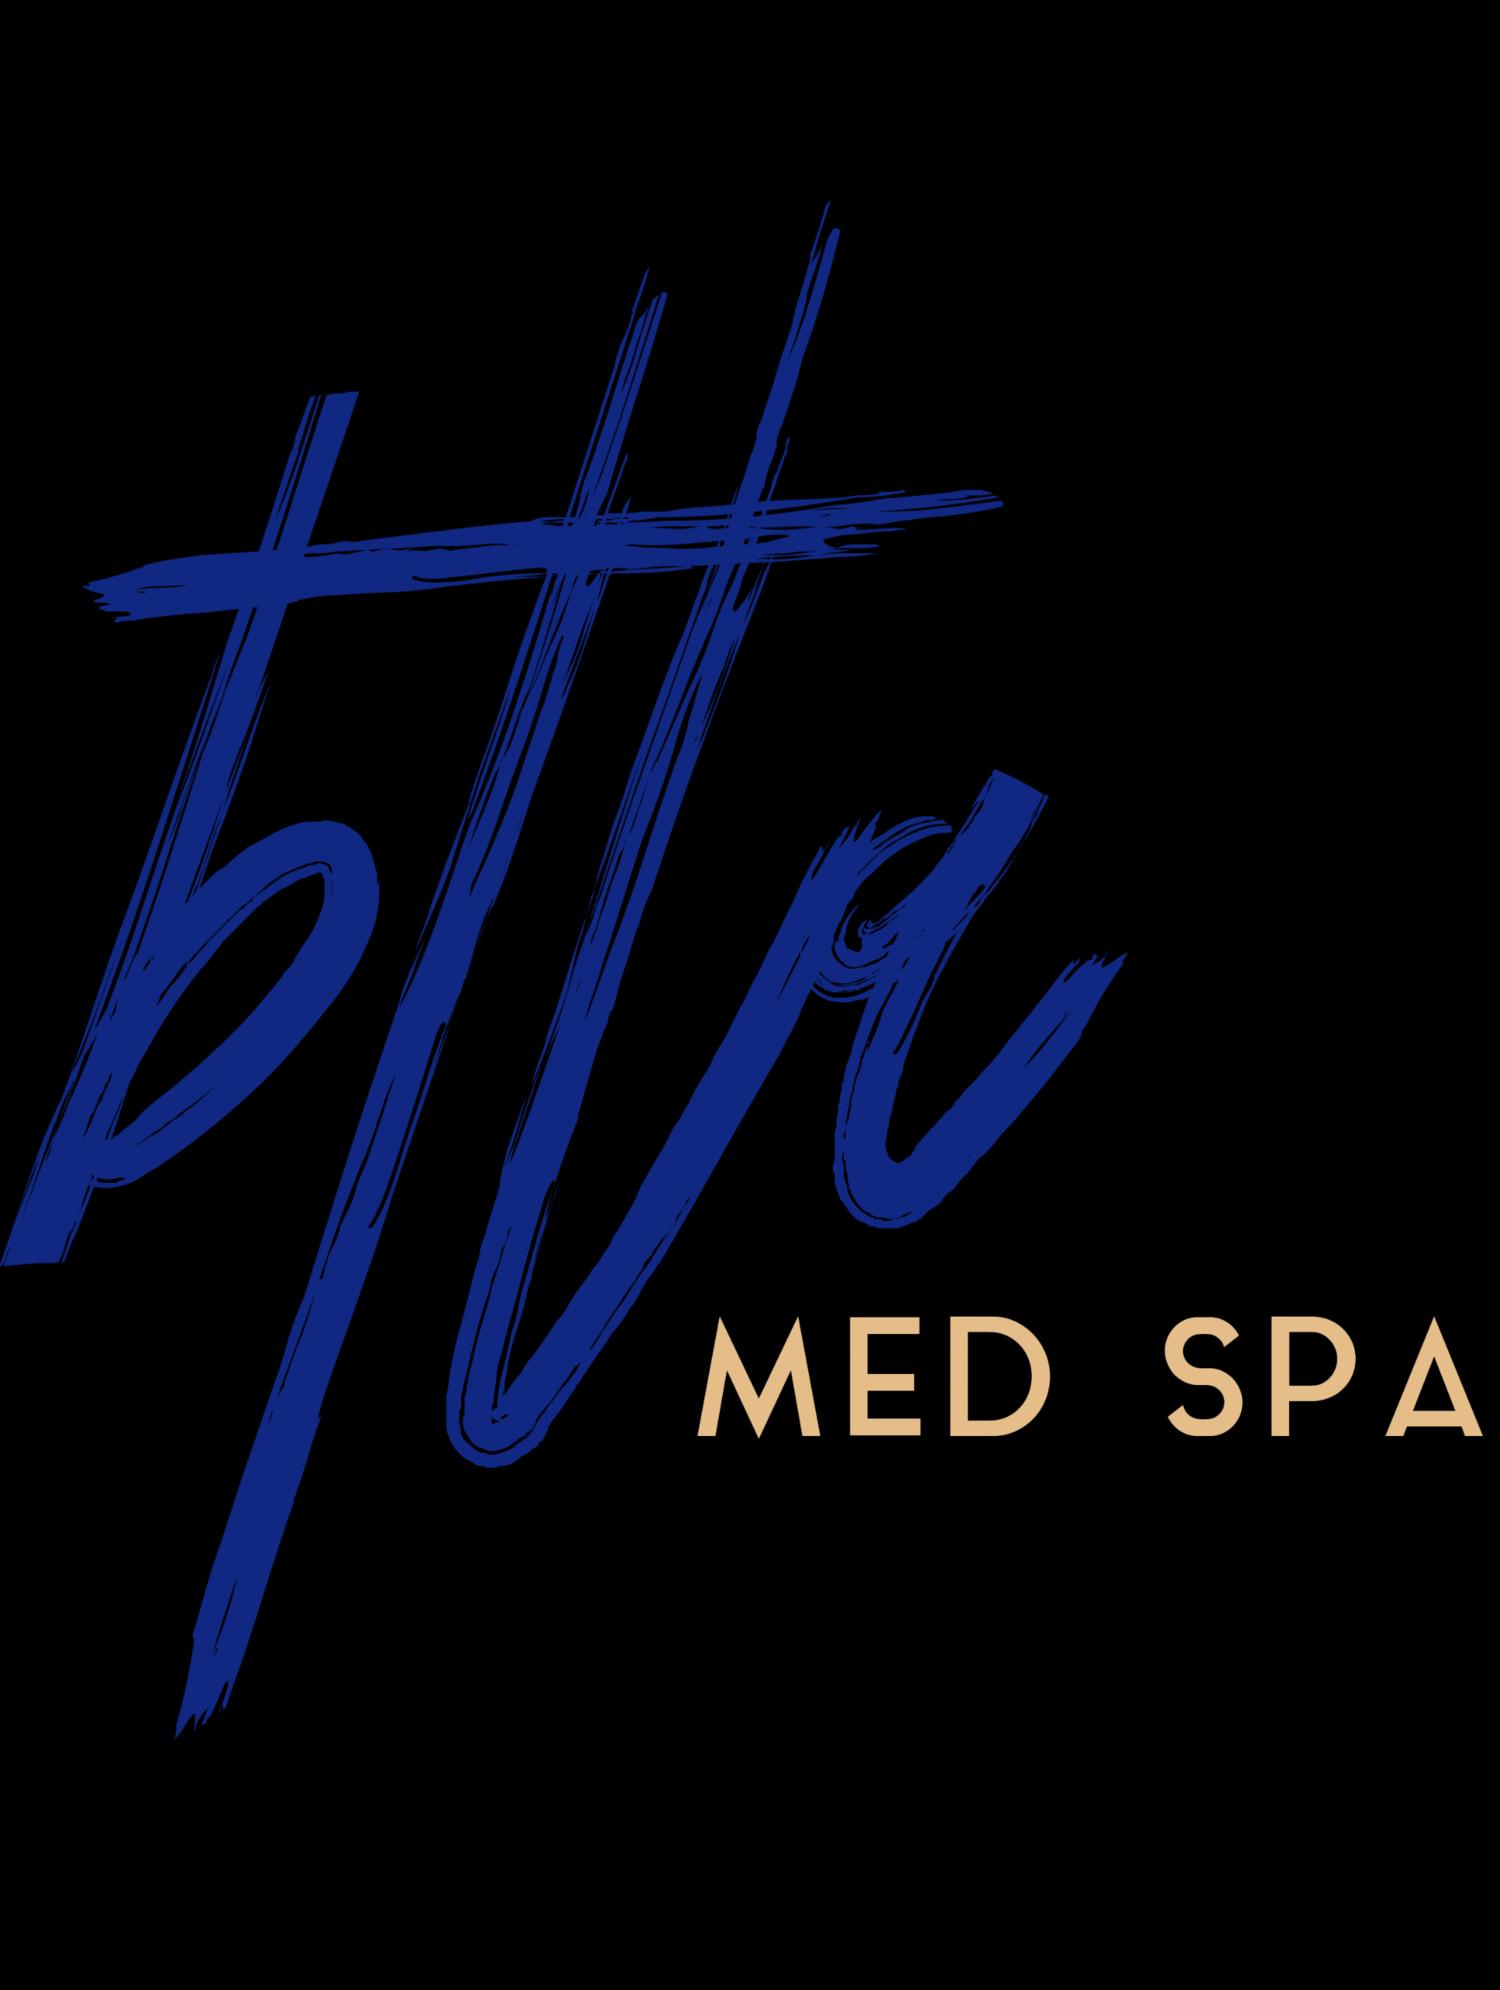 Laser Conroe — BTLA Med Spa